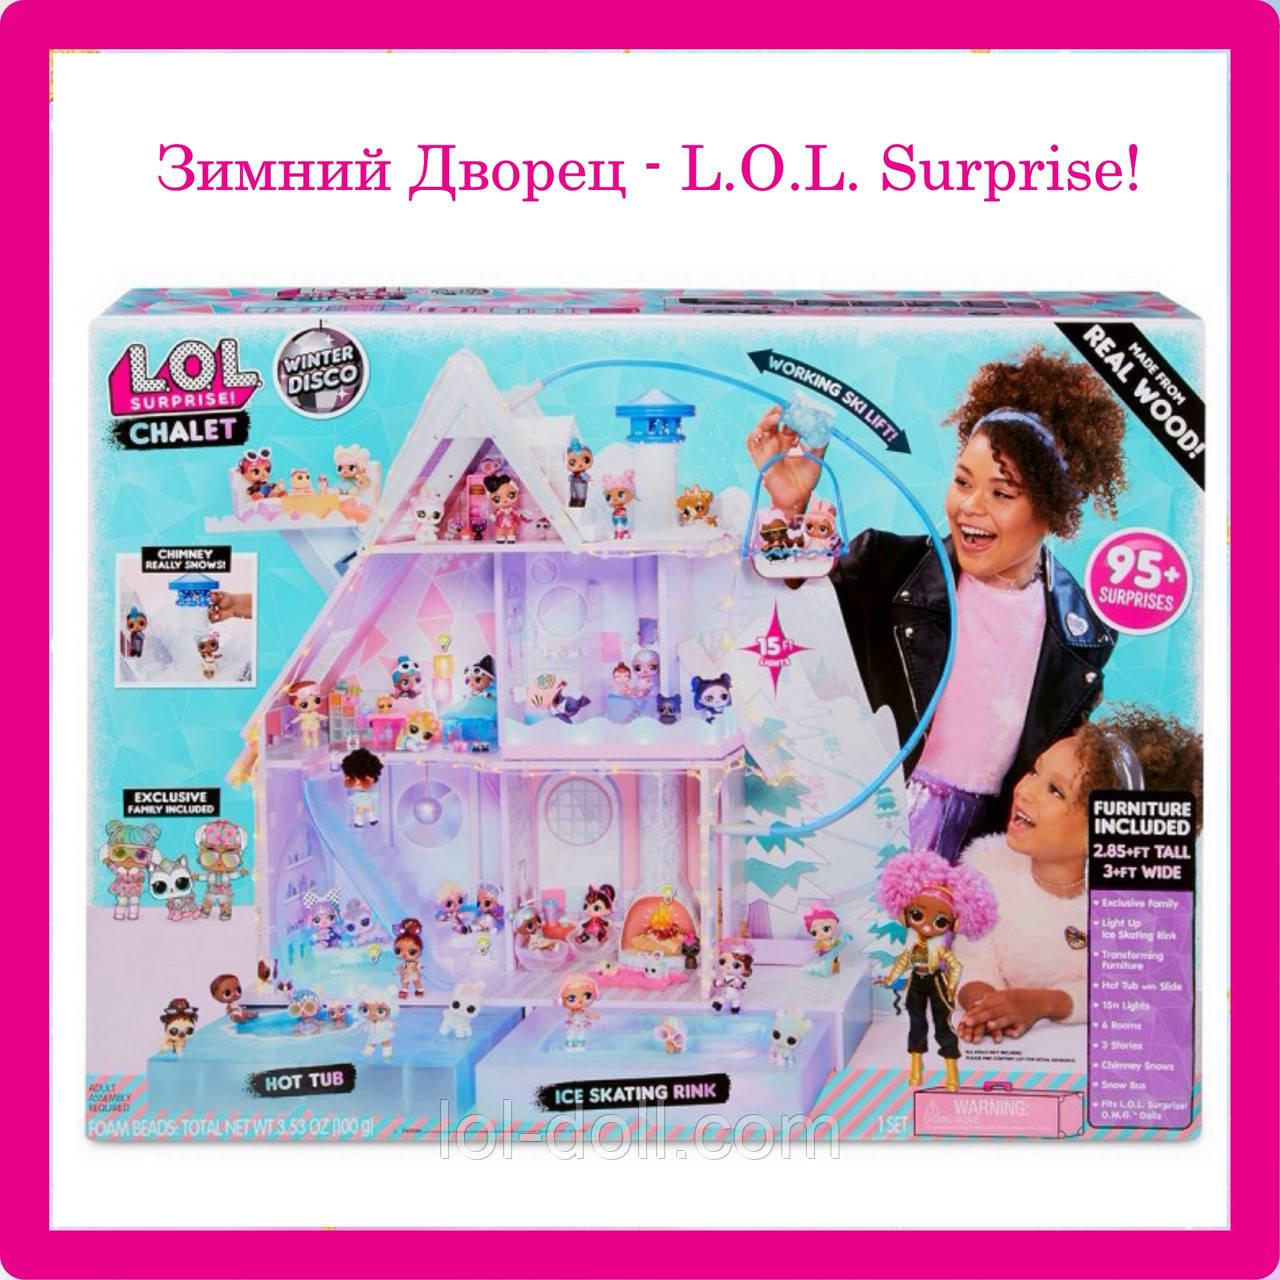 Игровой меганабор с куклами L.O.L. Surprise! Winter Disco CHALET DOLL HOUSE WITH 95+ Зимний Особняк Дом ЛОЛ